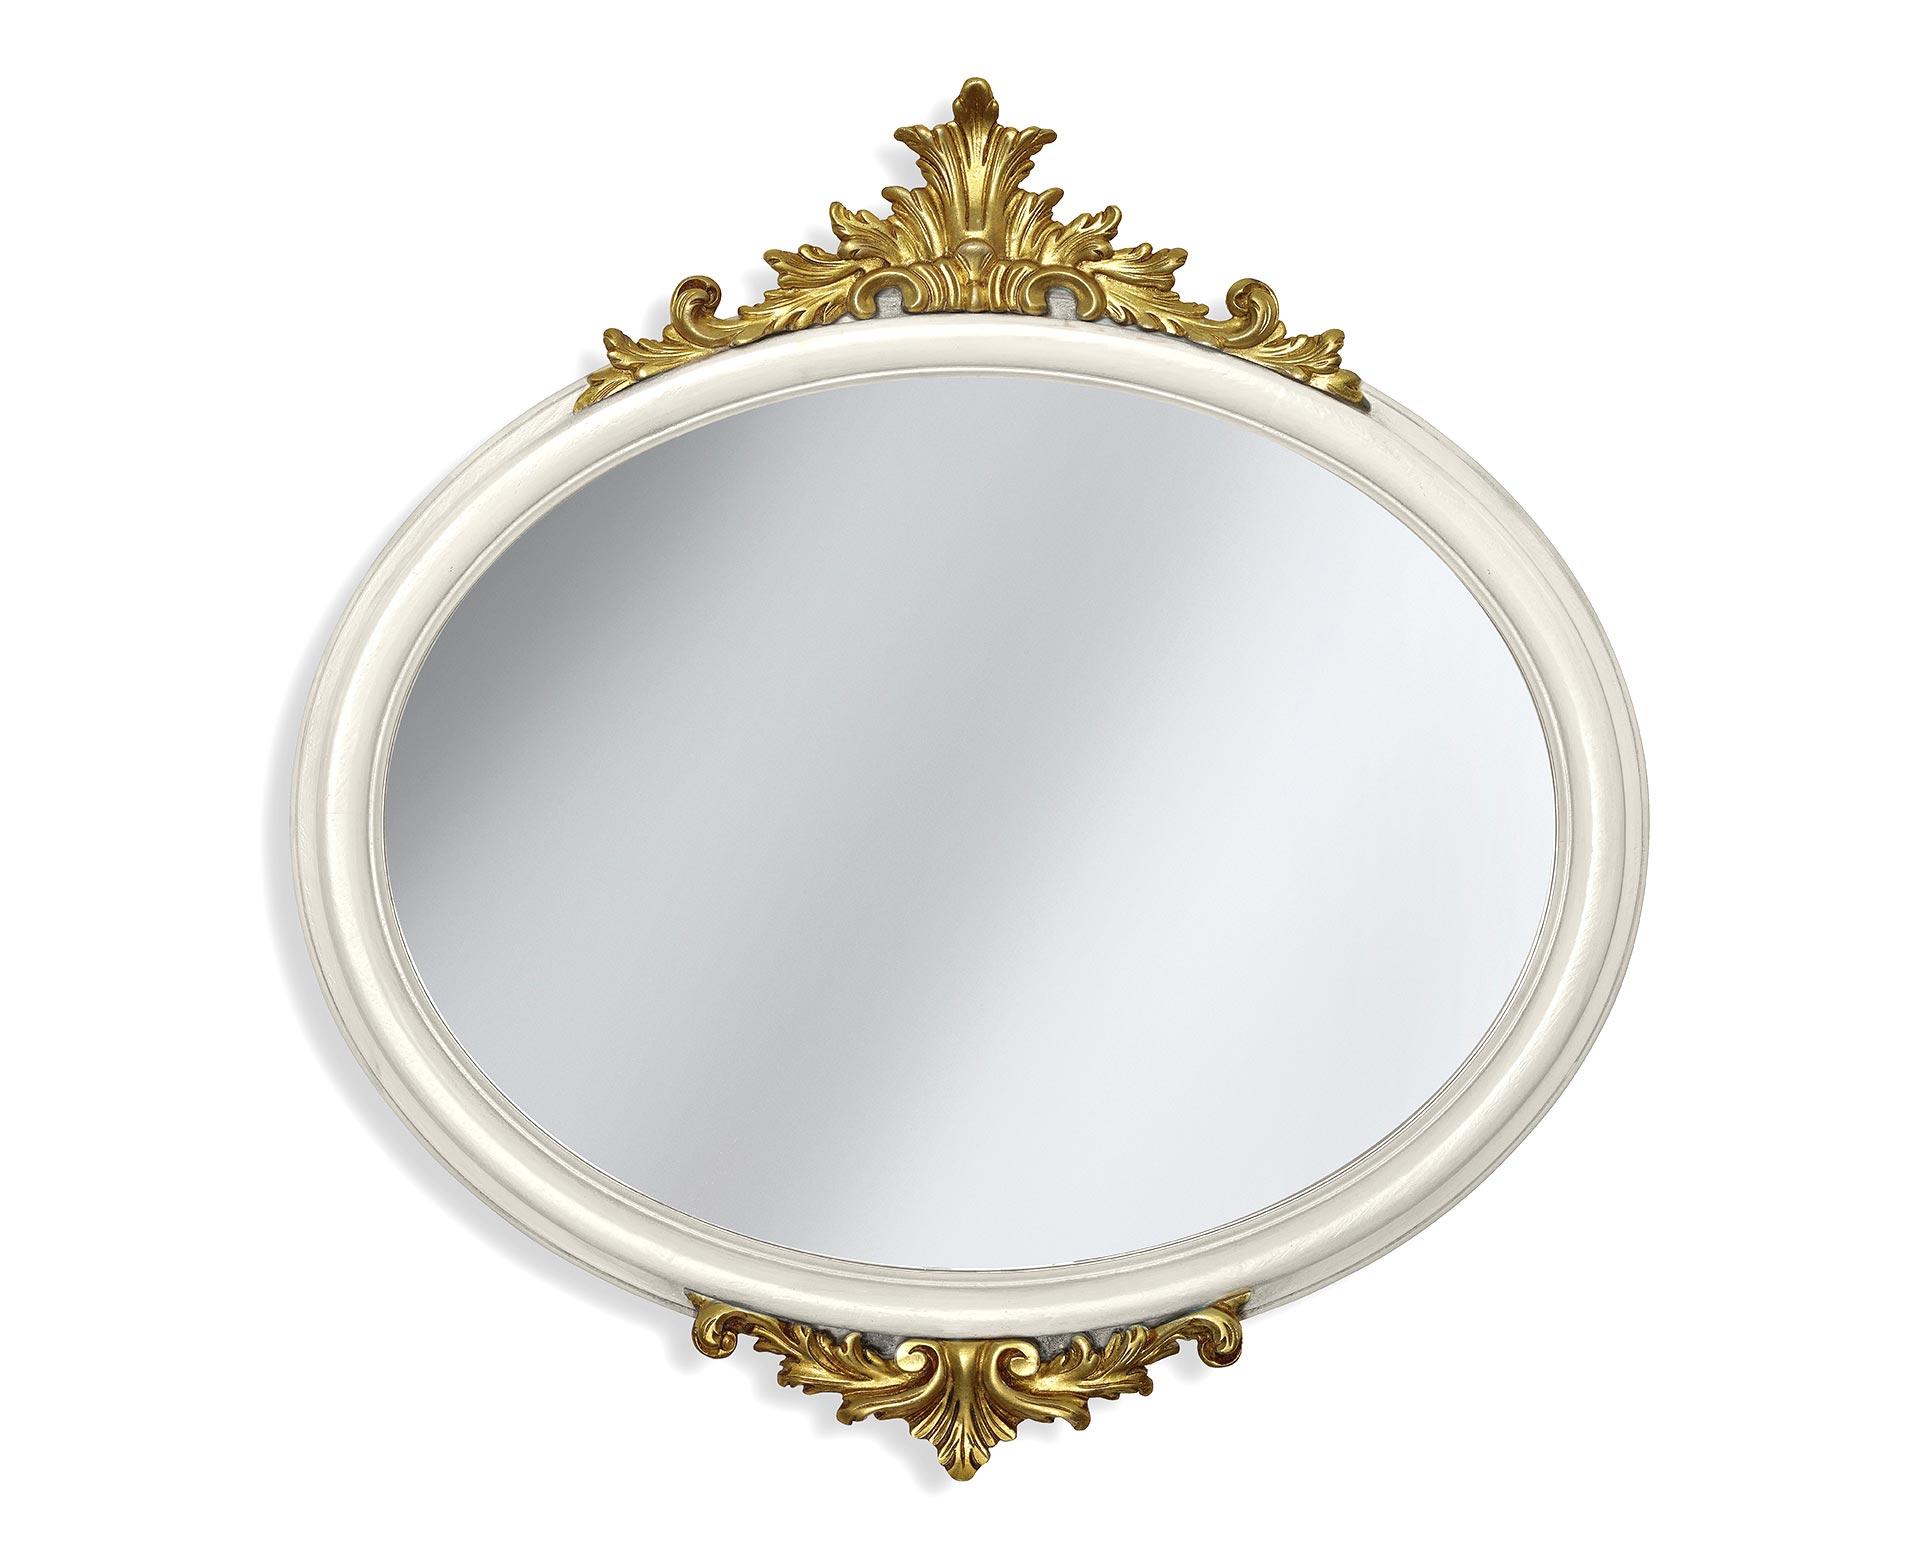 Ovaler Spiegel mit Schnitzereien und Blattgold